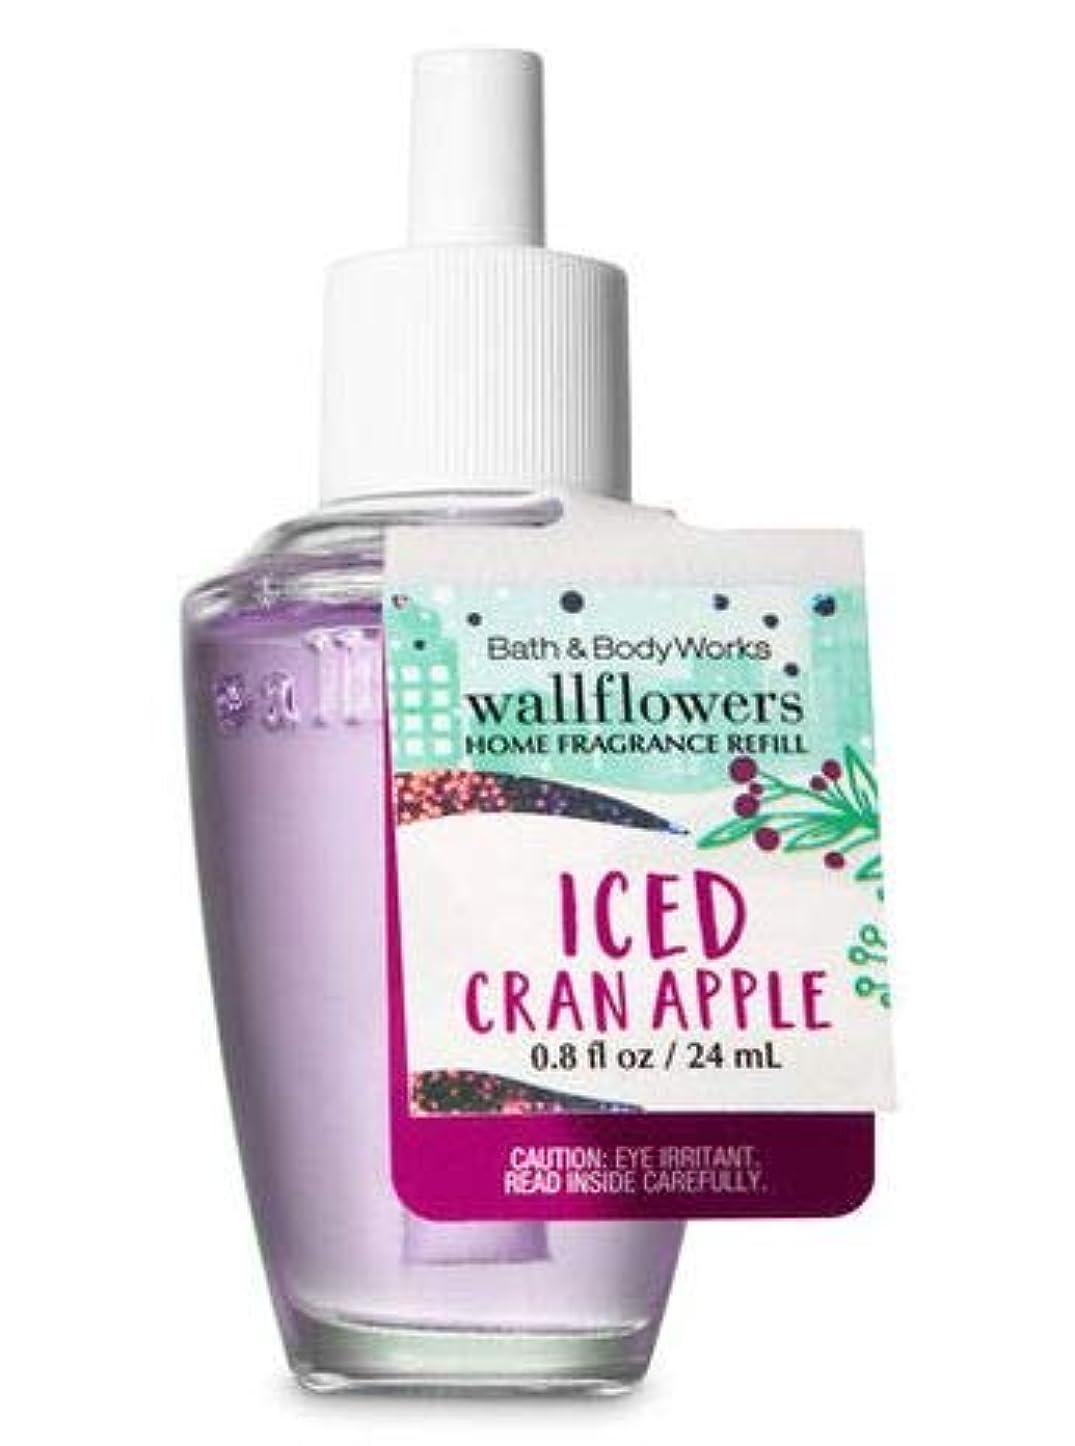 こだわり休日案件【Bath&Body Works/バス&ボディワークス】 ルームフレグランス 詰替えリフィル アイスドクランベリーアップル Wallflowers Home Fragrance Refill Iced Cranberry Apple [並行輸入品]